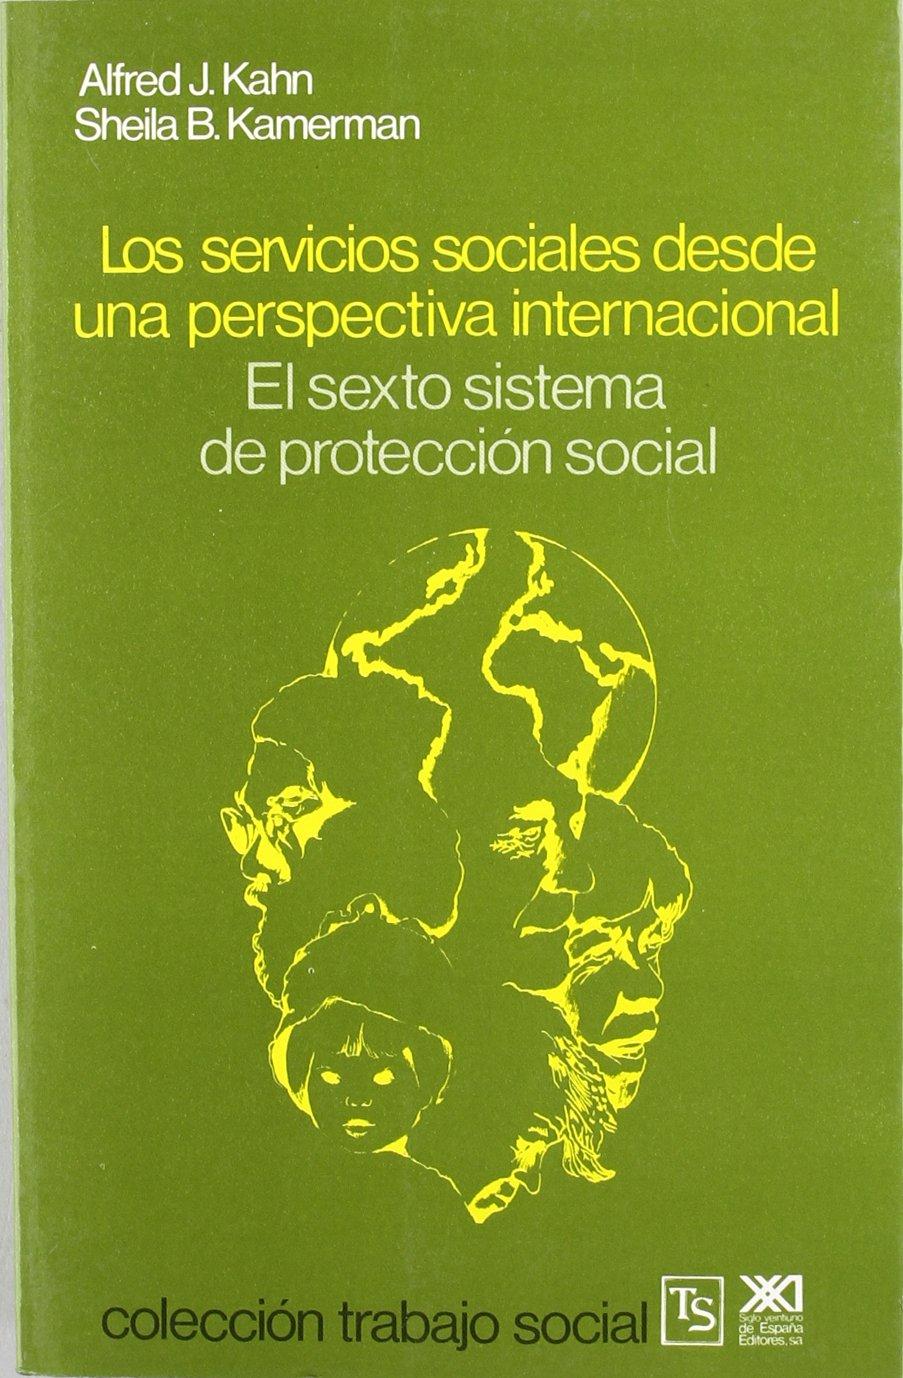 Los servicios sociales desde una perspectiva internacional Trabajo social: Amazon.es: Kahn, Alfred J., Kamerman, Sheila B., Peláez Ochotorena, Gonzalo: Libros